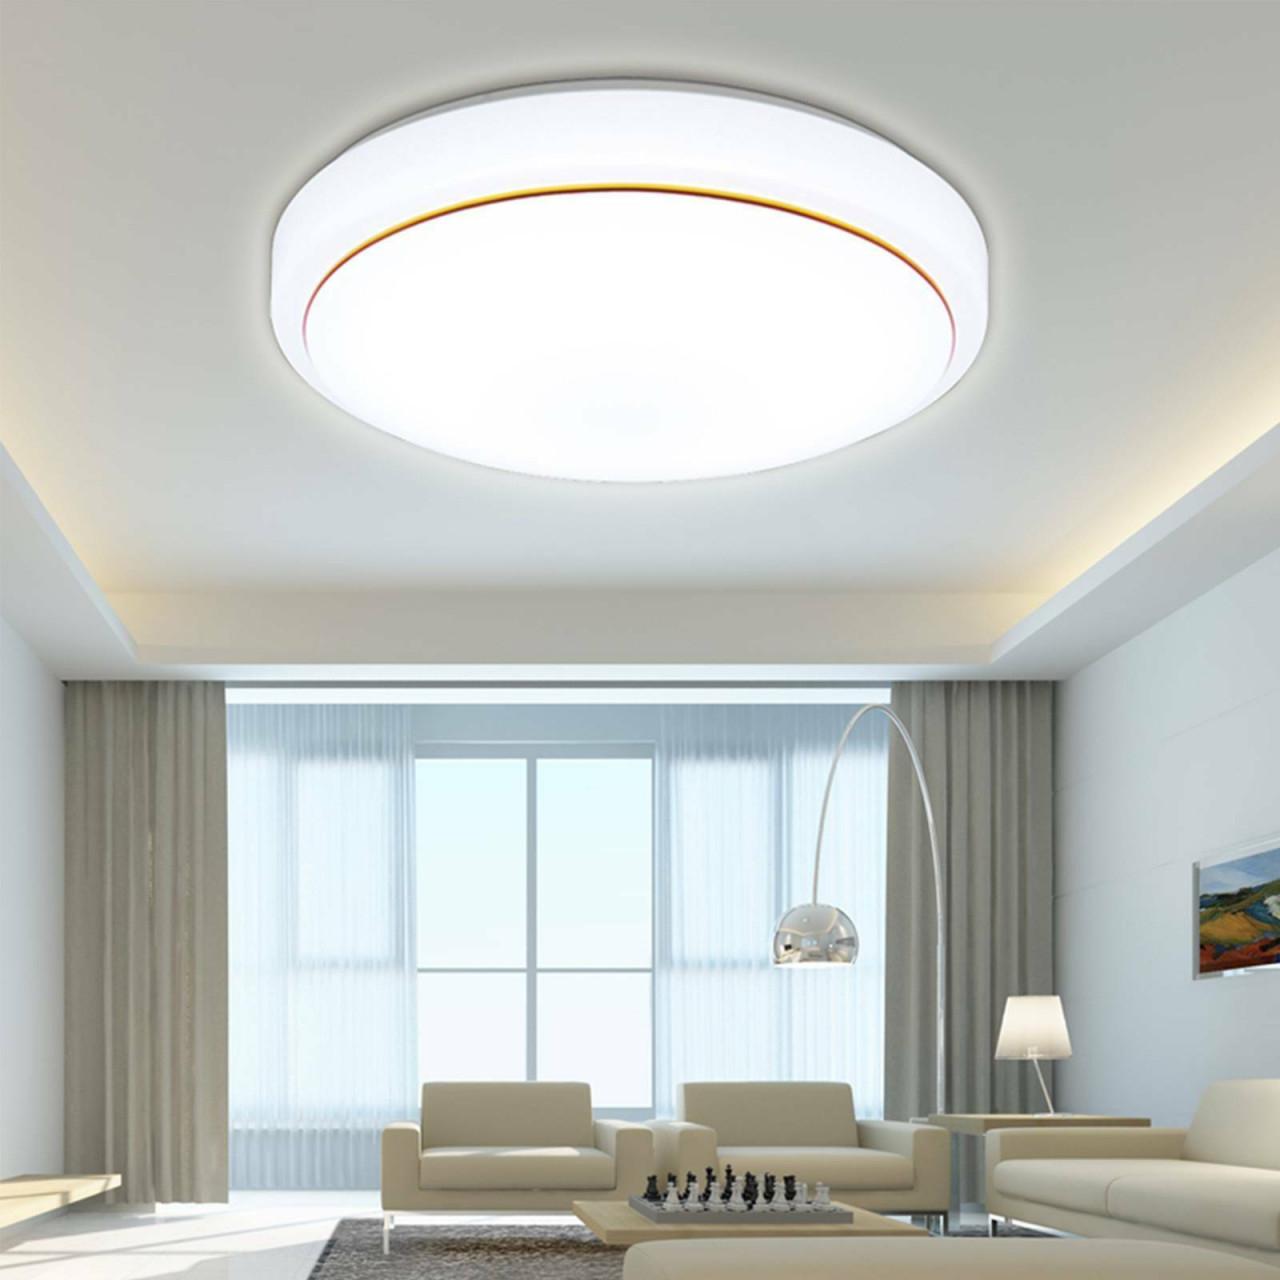 36W Led Deckenlampe Deckenleuchte Wohnzimmer Küchen Lampe Küche 40Cm Runde  Licht von Led Lampe Wohnzimmer Bild